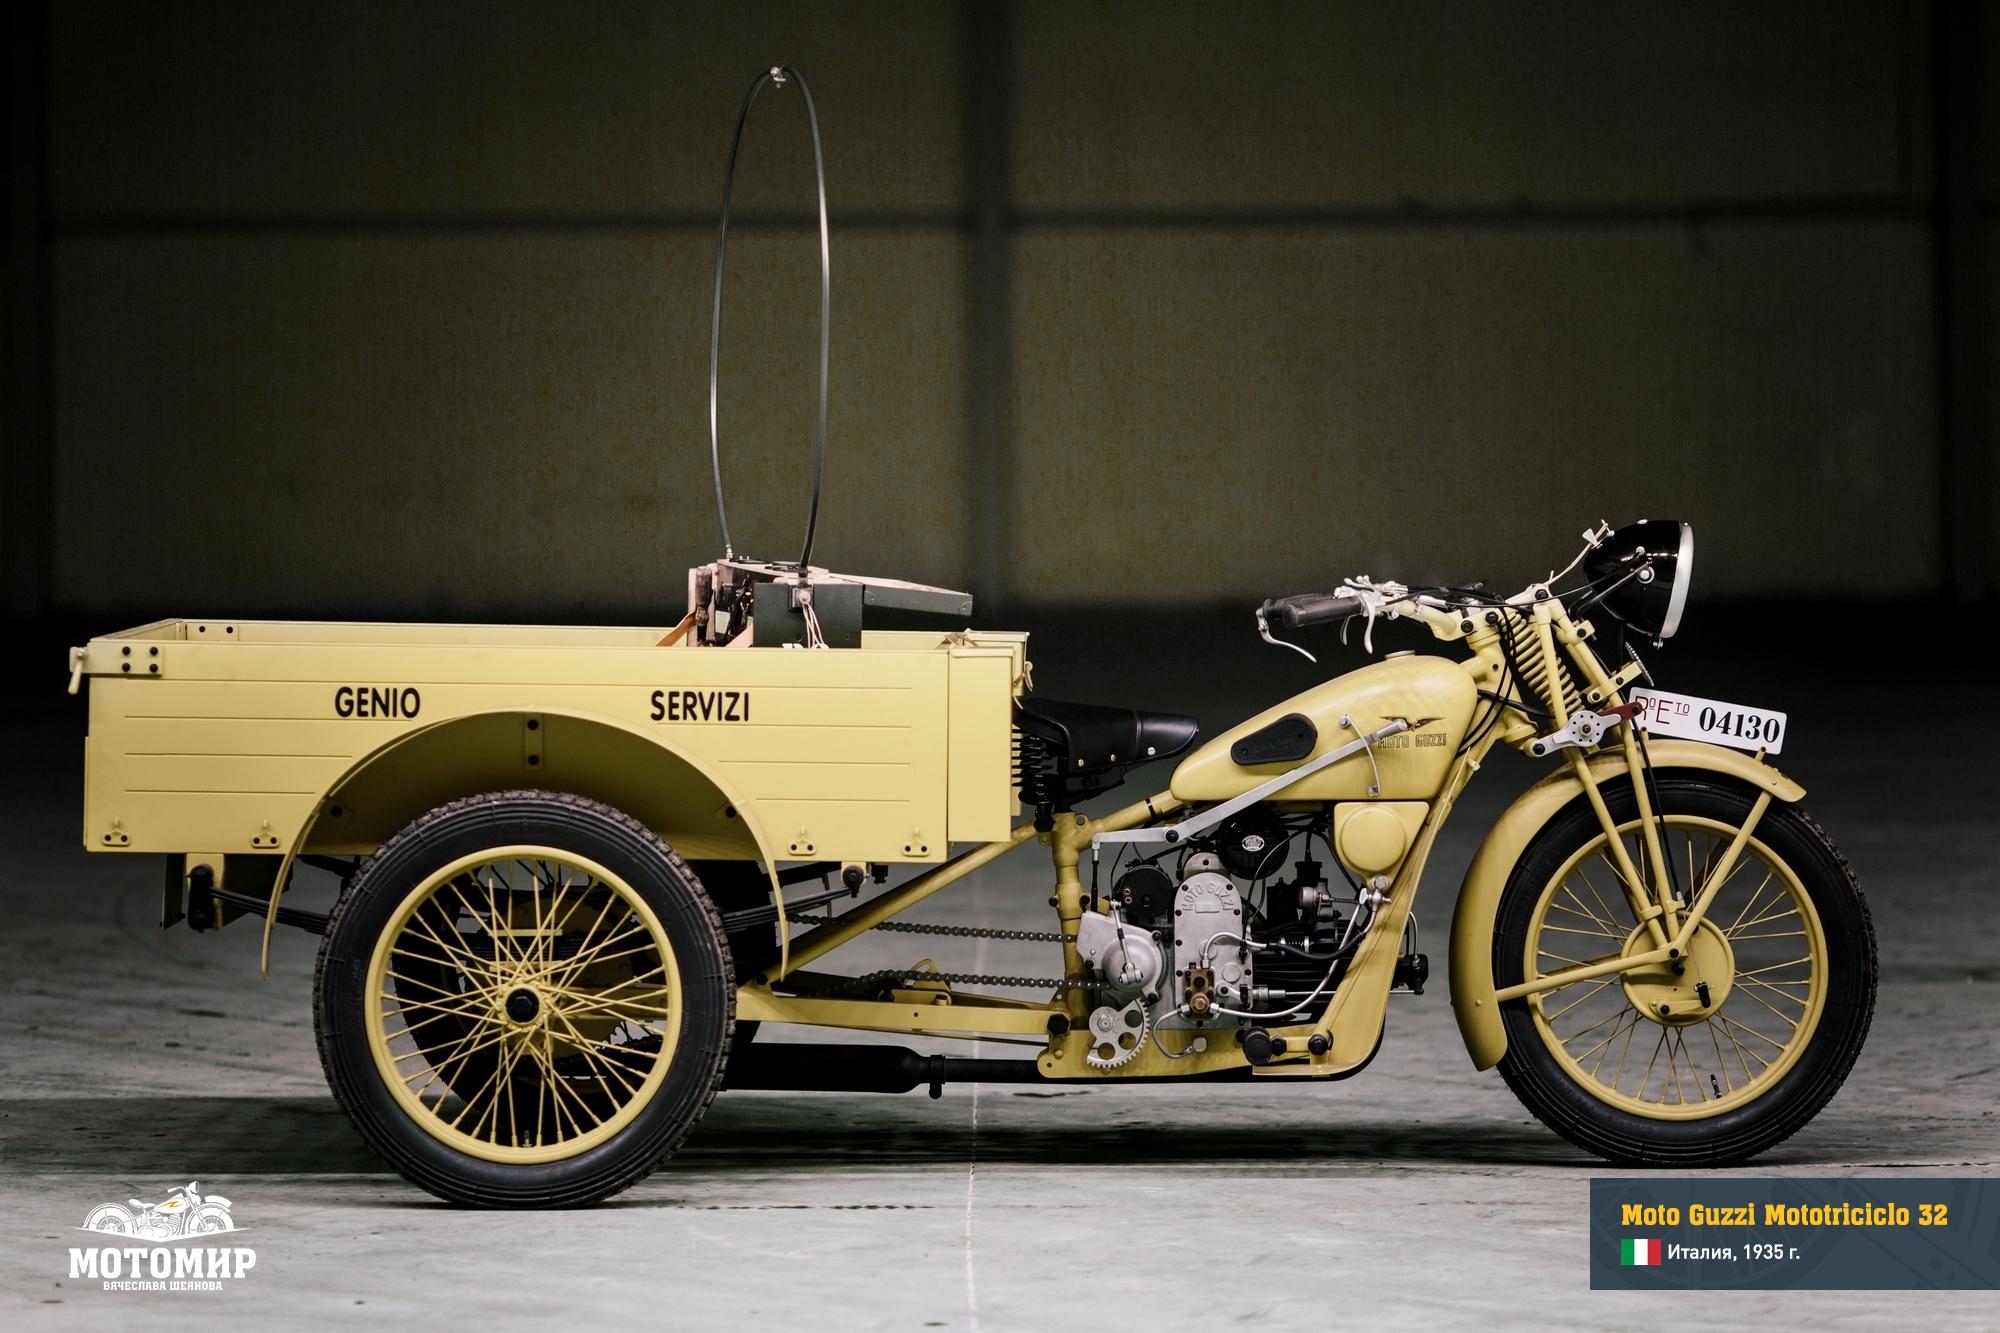 moto-guzzi-mototriciclo-32-web-05